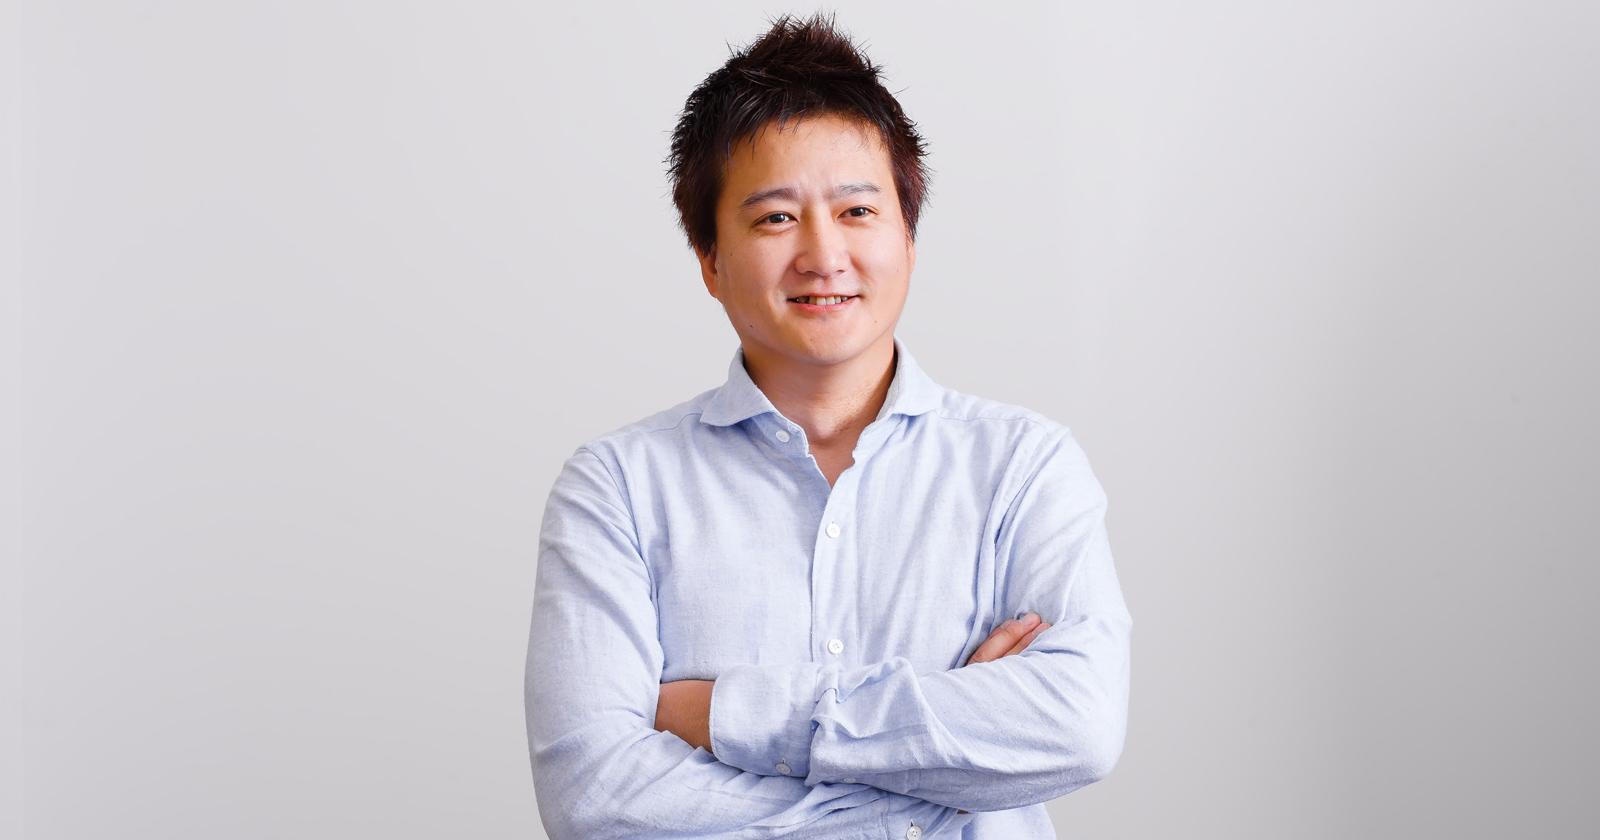 日本の人事部?国力最大化?既存転職エージェントの限界を感じ、for Startupsへ。日本の未来を見据え、転職エージェントの枠を超えた挑戦とは